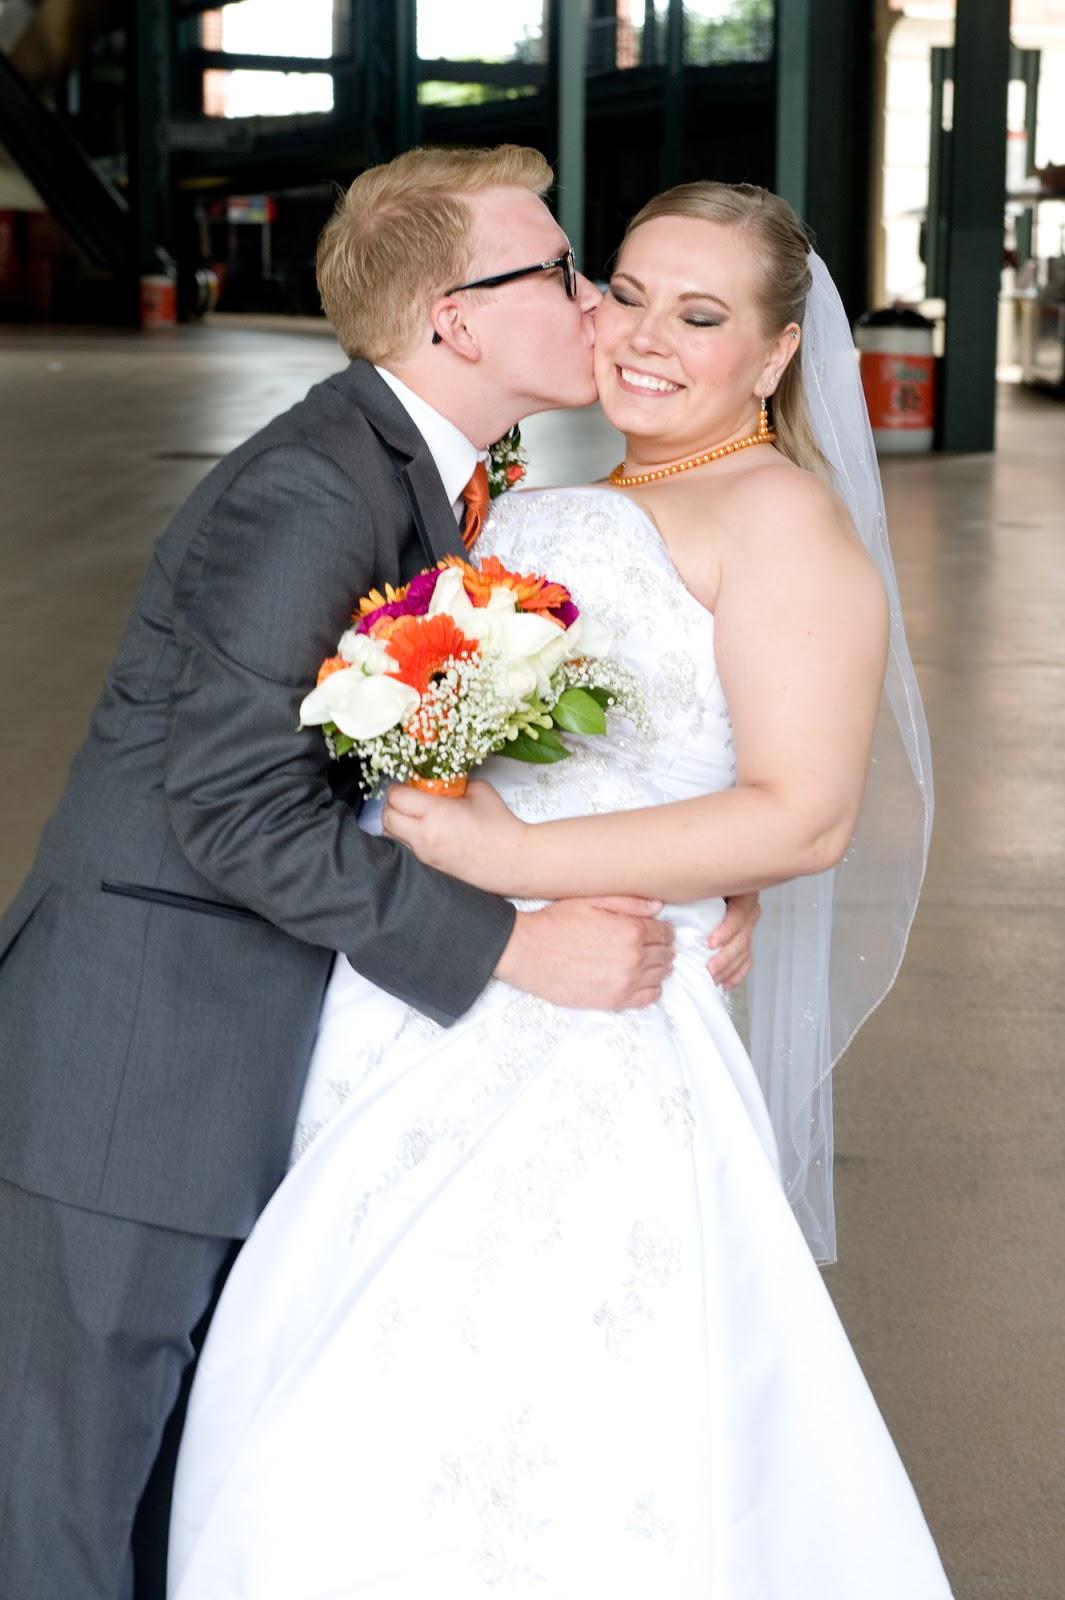 Chris and sandra wedding